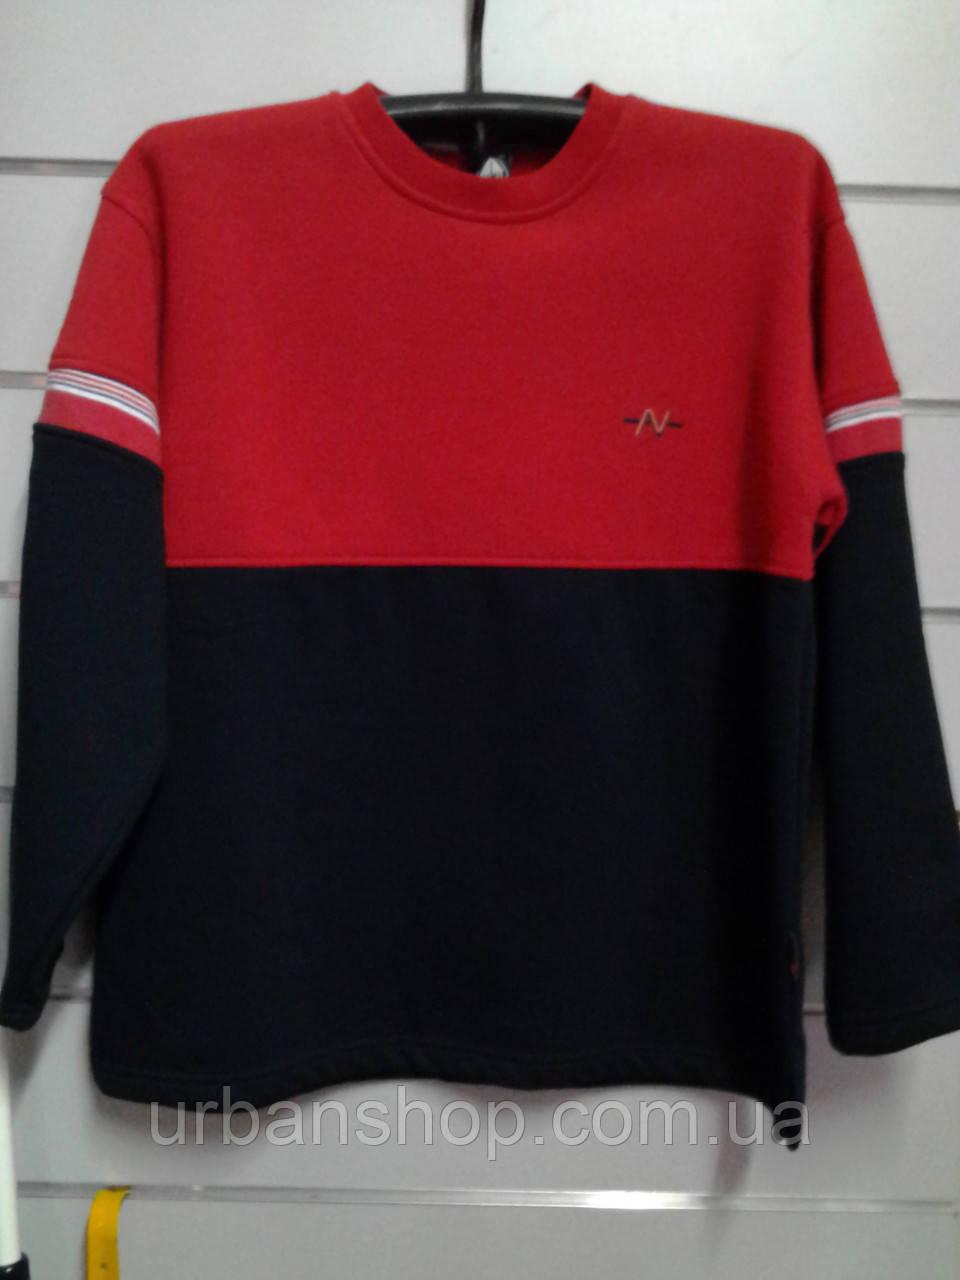 Кофта ACG чорна з червоним